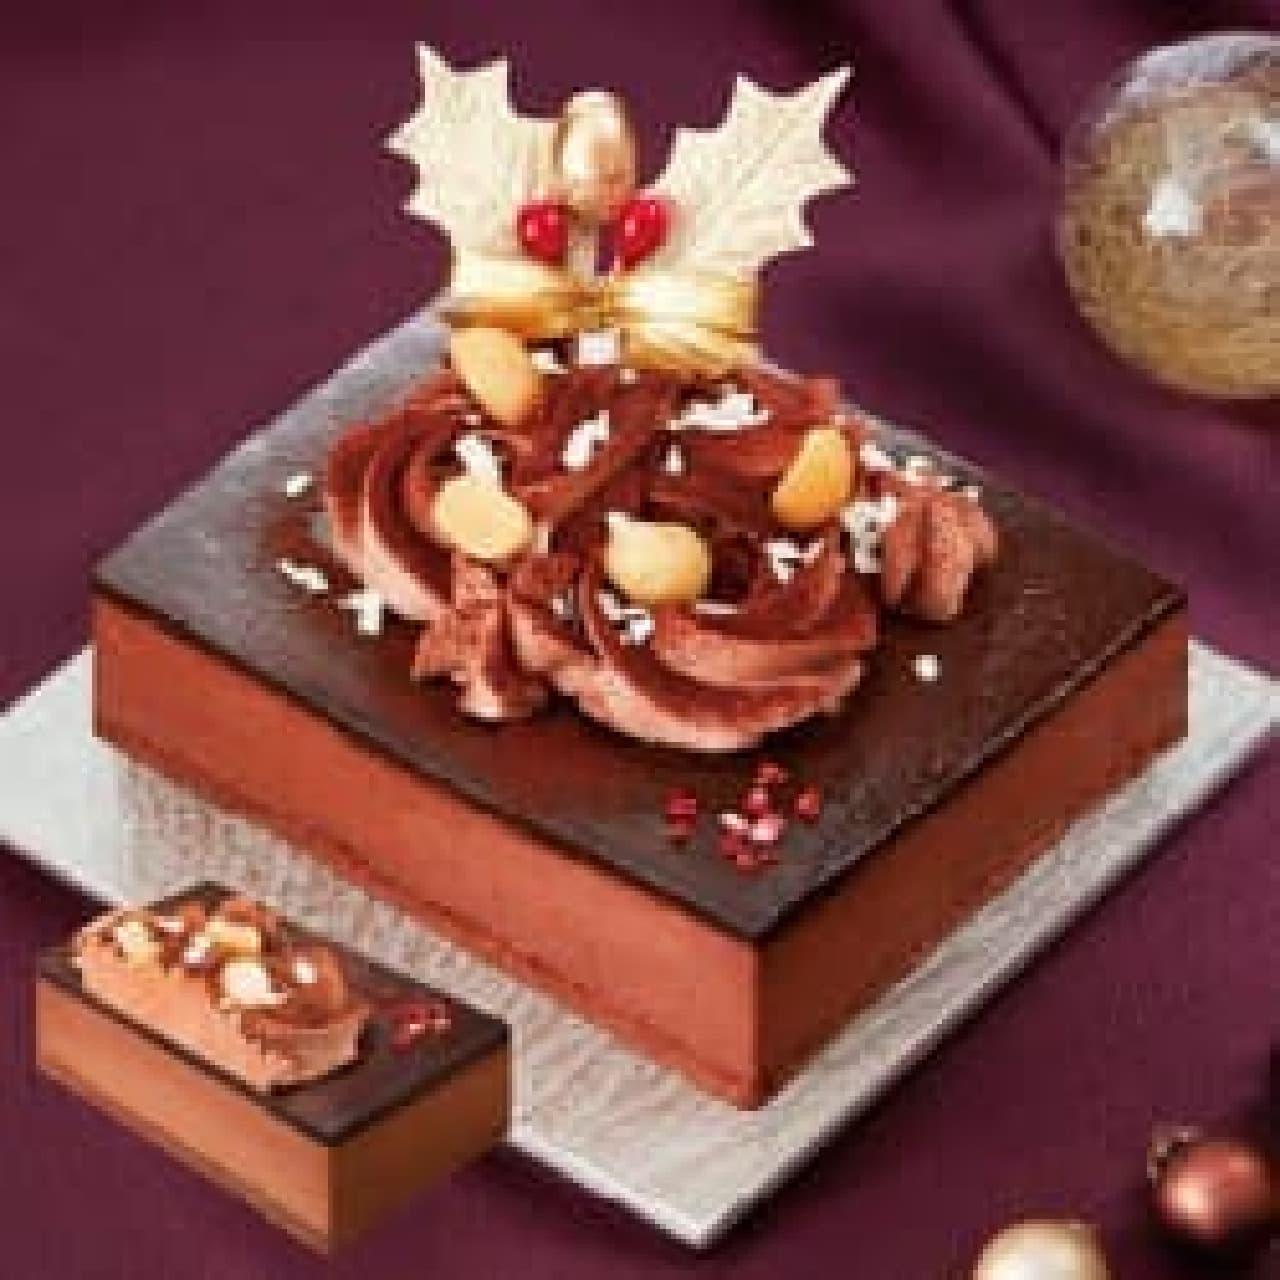 ファミリーマート「ケンズカフェ東京 クリスマスショコラケーキ」